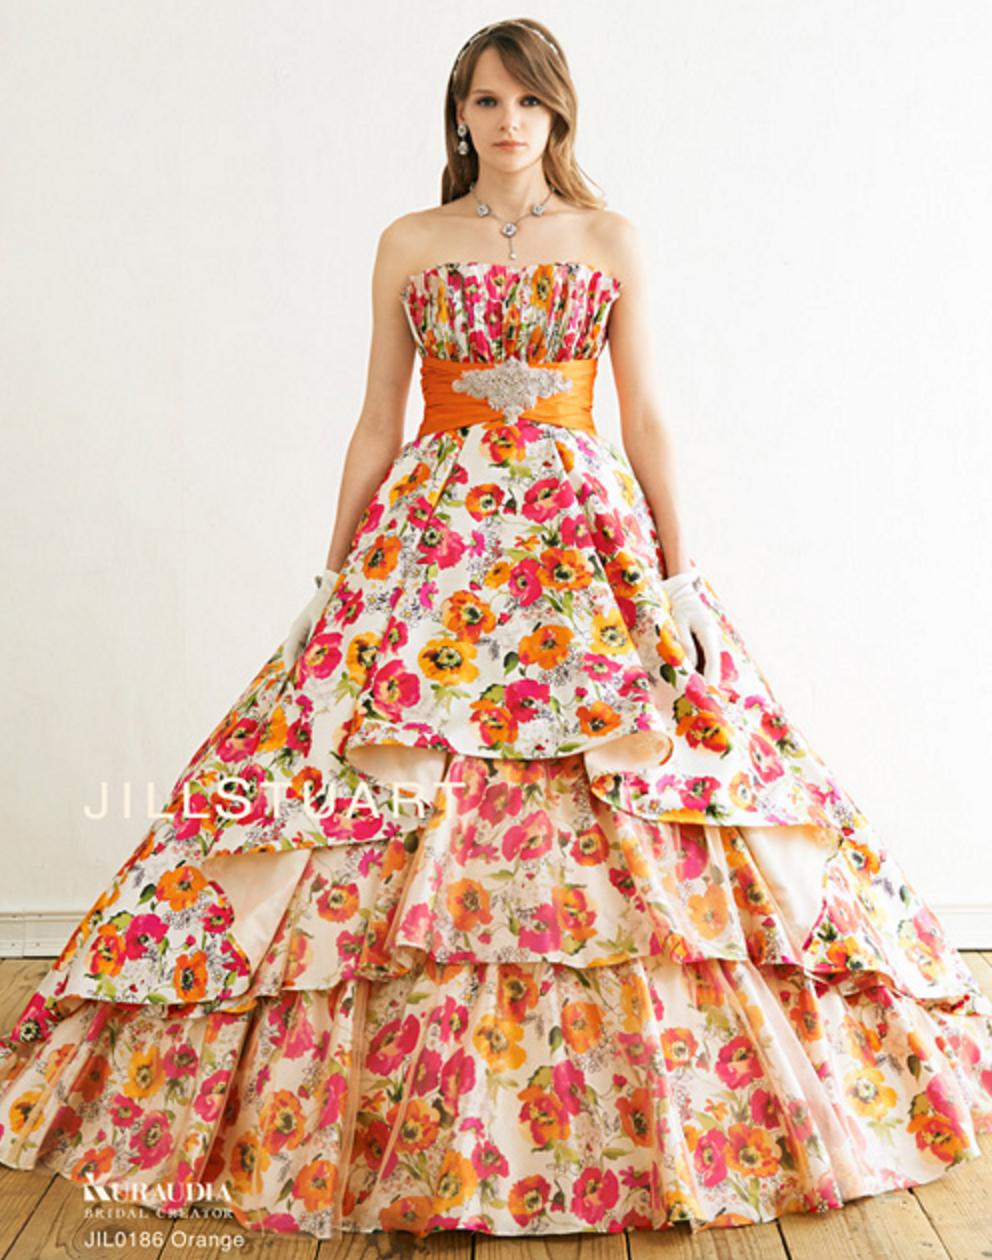 モダンでクラシカルな印象の明るい花柄ドレス